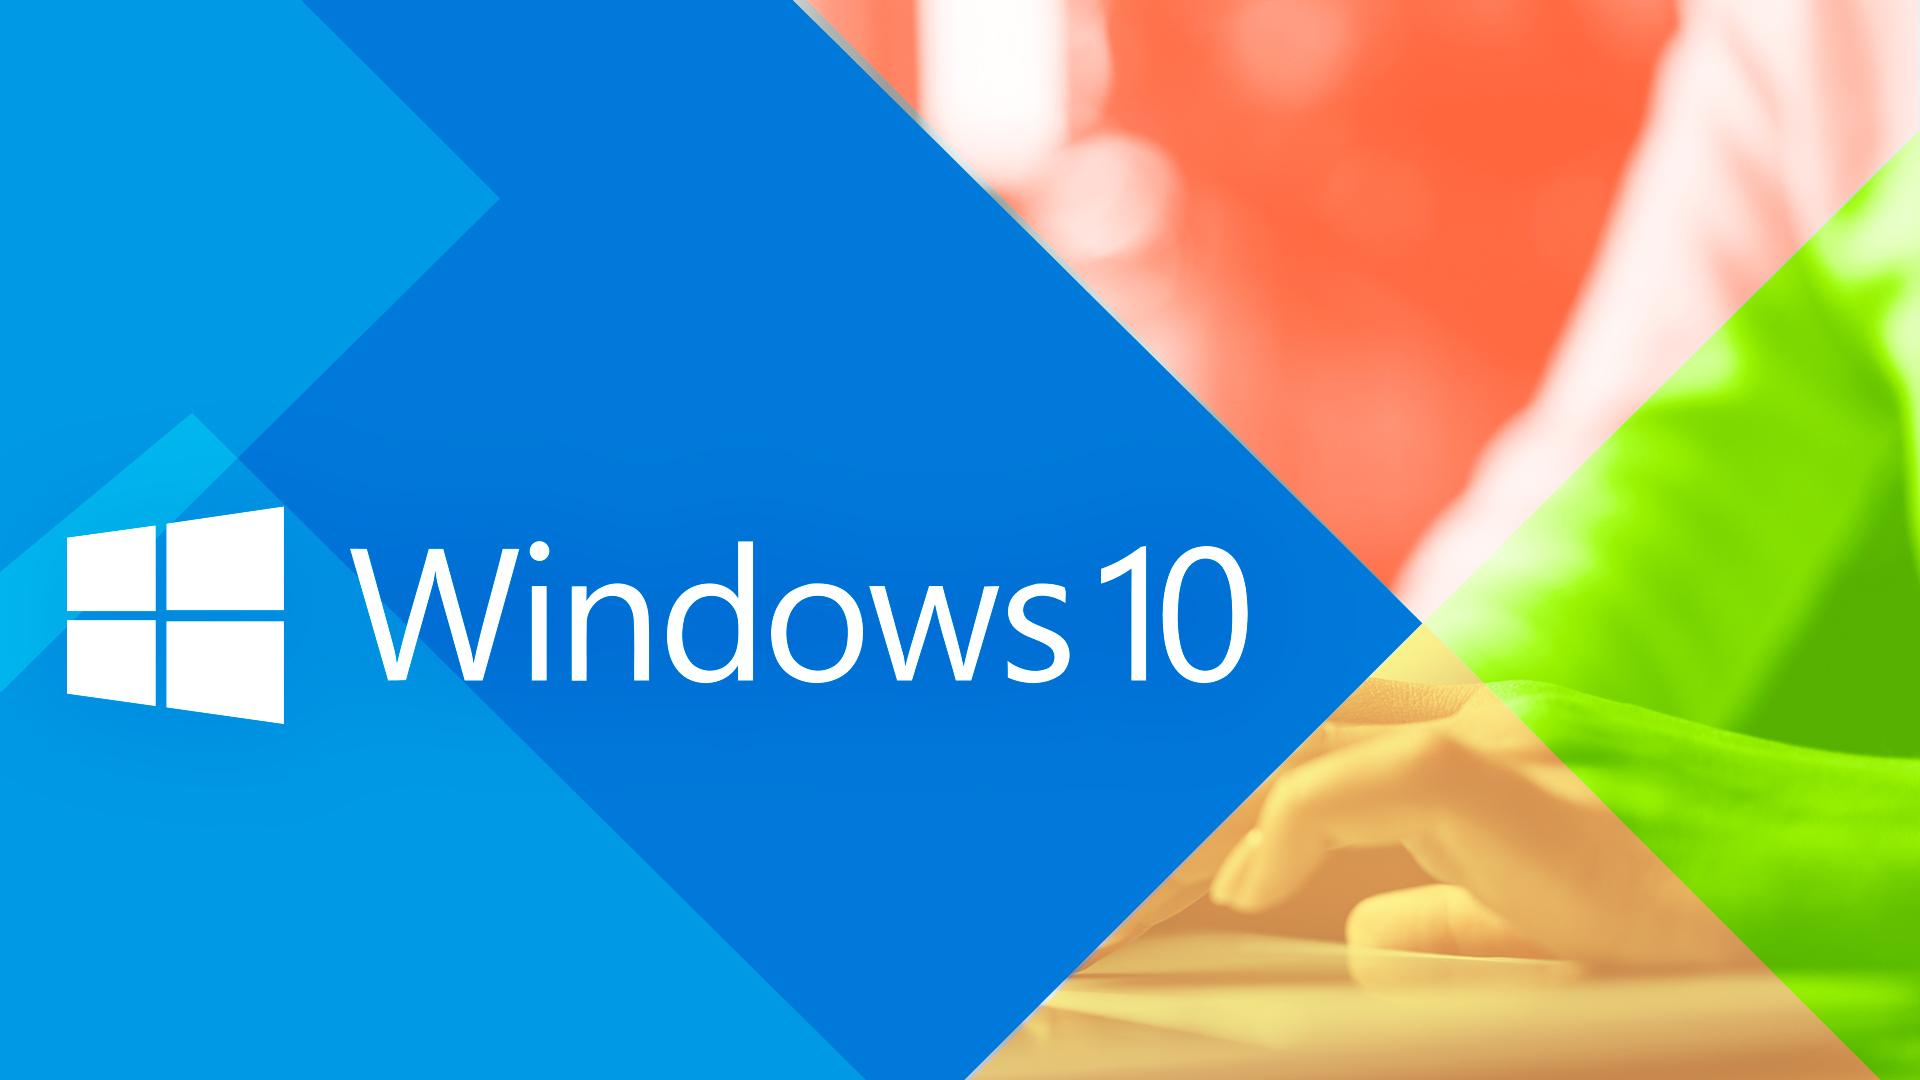 Windows 10: Käufer von Billig-Keys werden zur Polizei vorgeladen - WinFuture